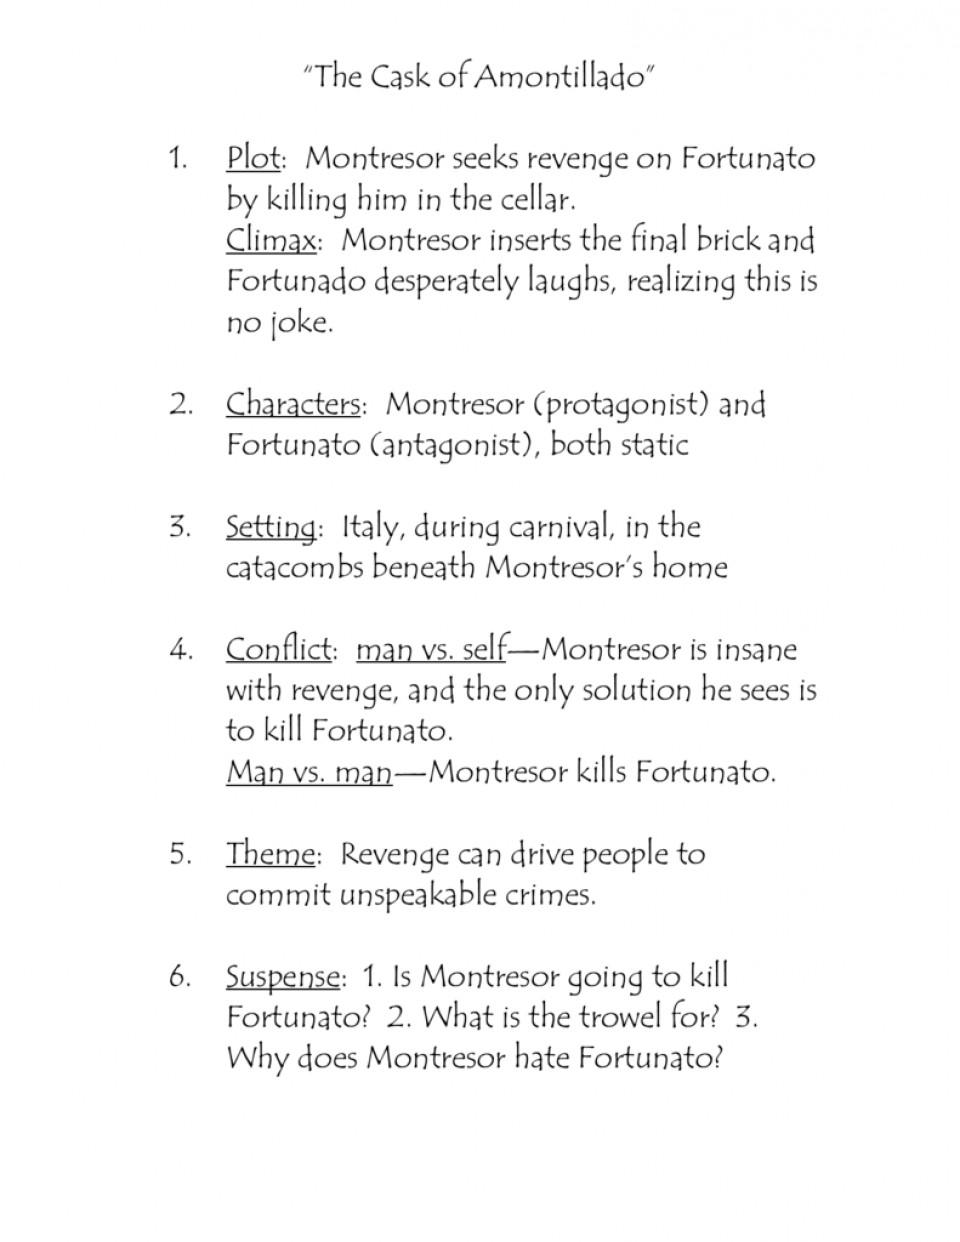 Civil war essay question